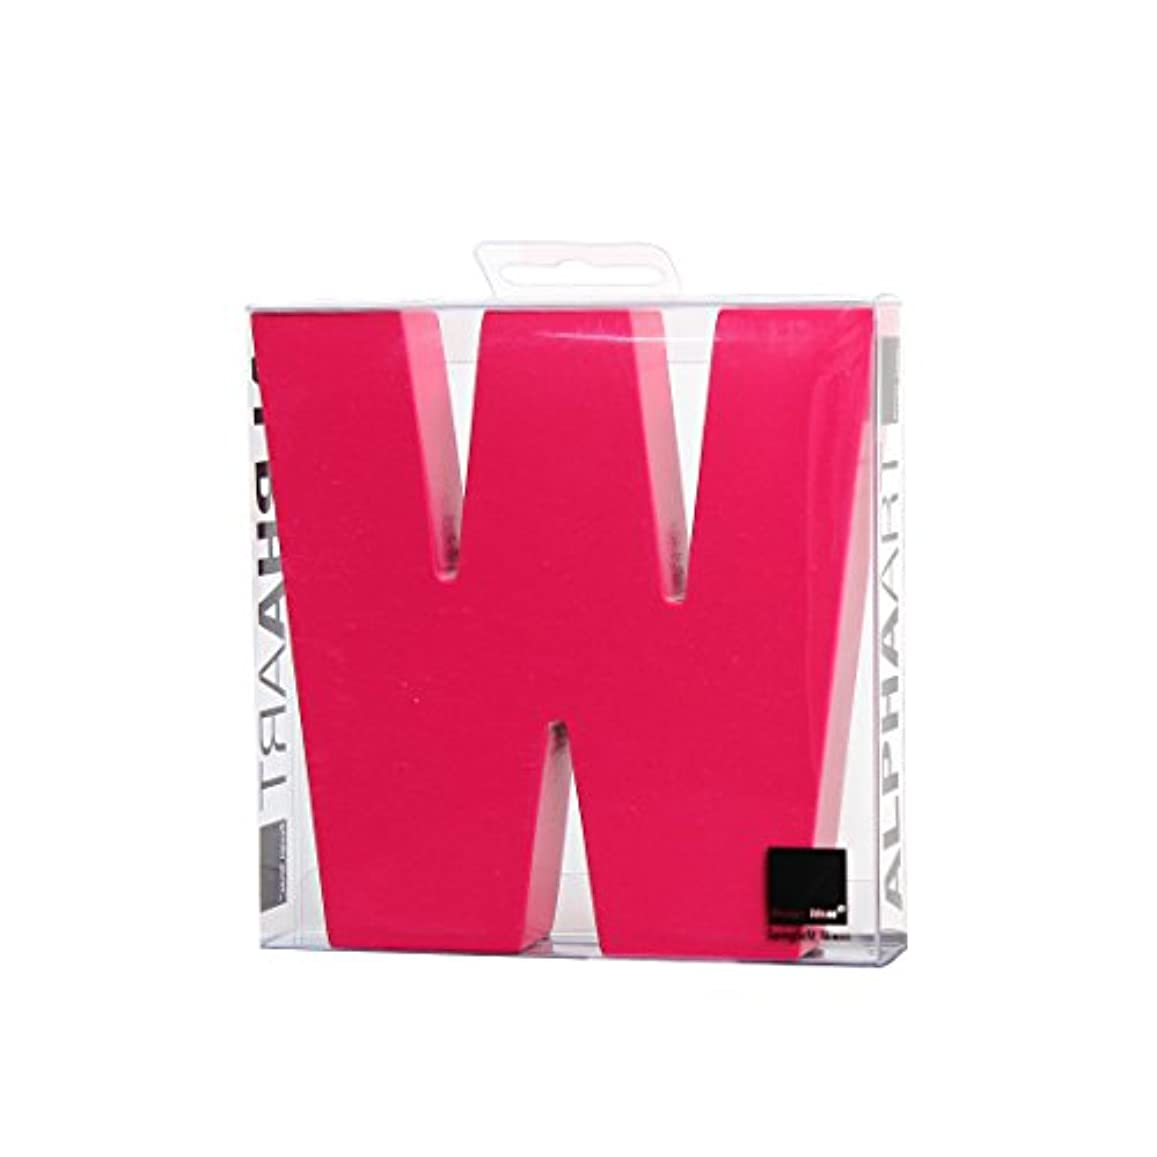 塊抑制意欲カメヤマキャンドルハウス アルファベットブロック カラフル  アルファアートラージW 「 ピンク 」